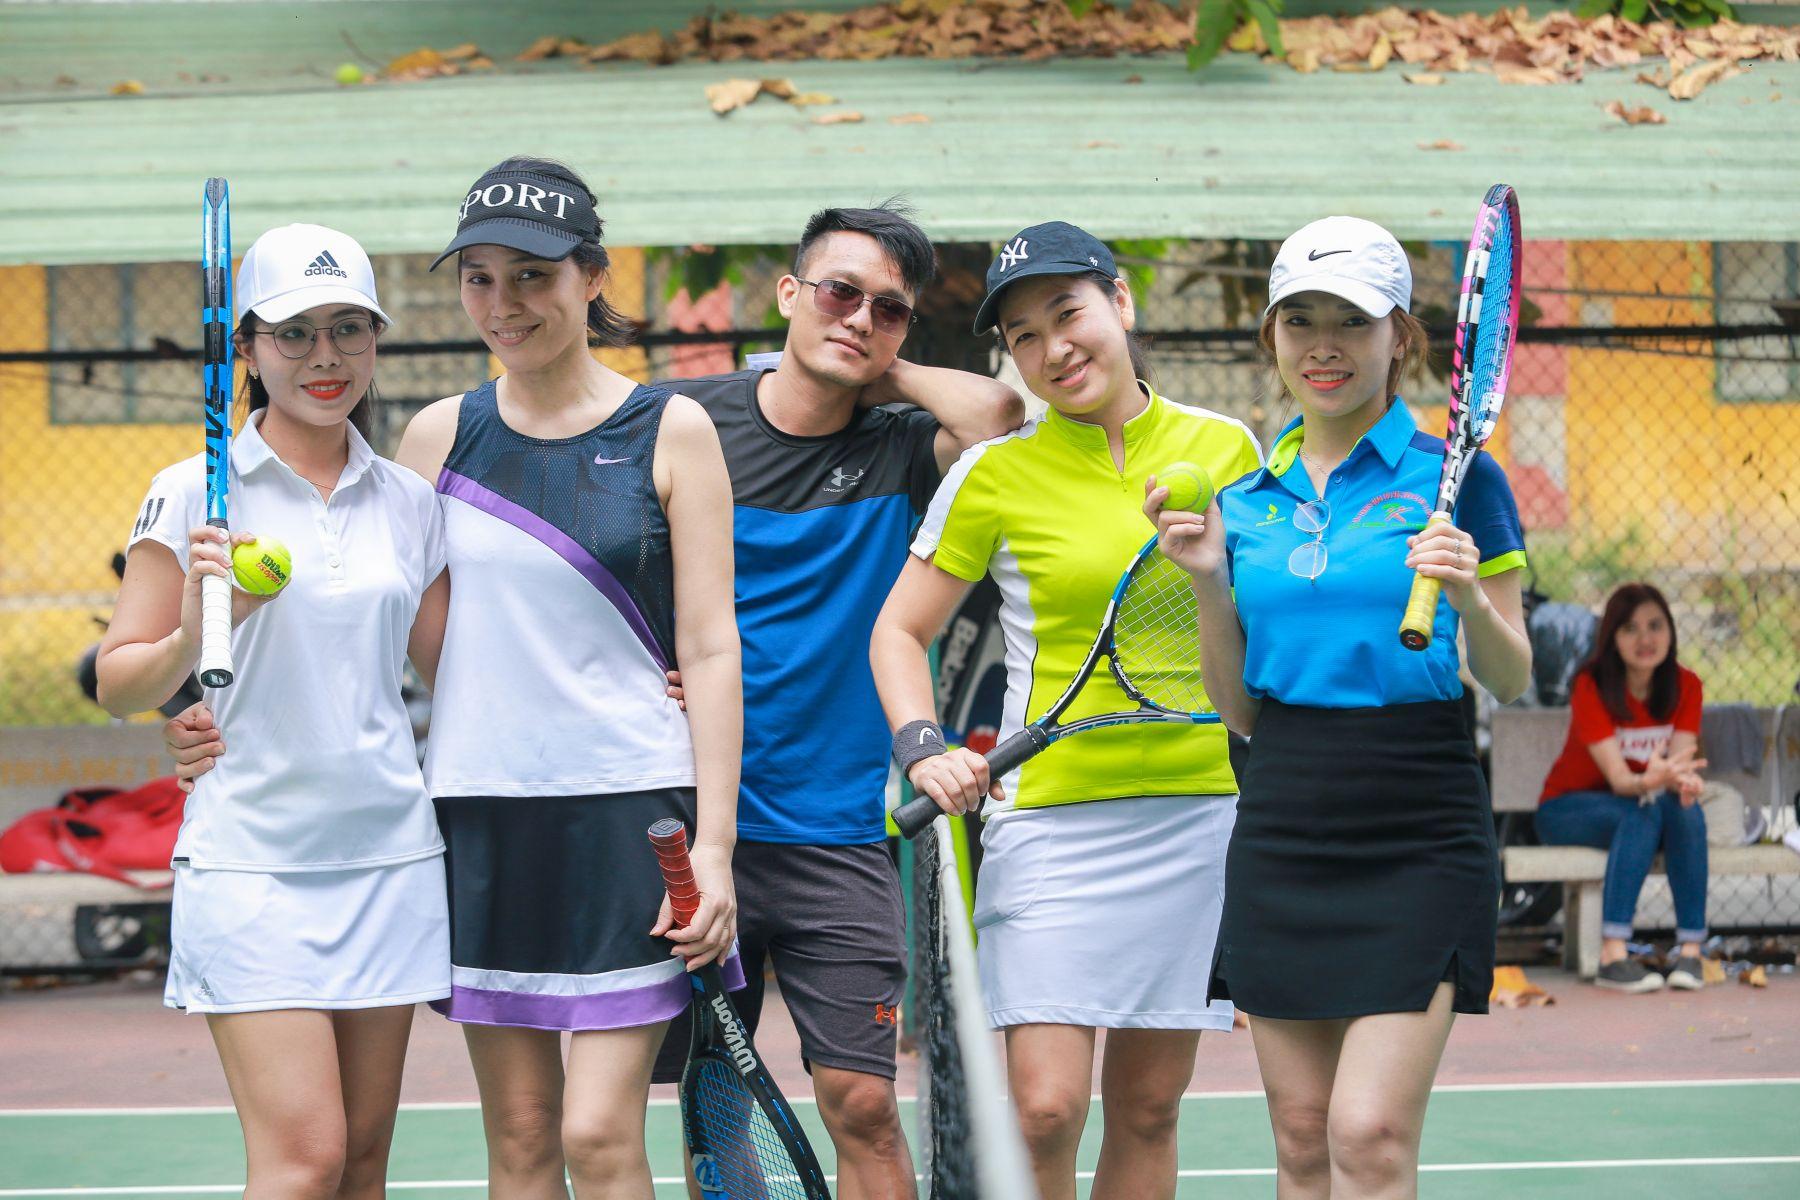 Học Tennis sau giờ làm với hoctennis.com.vn